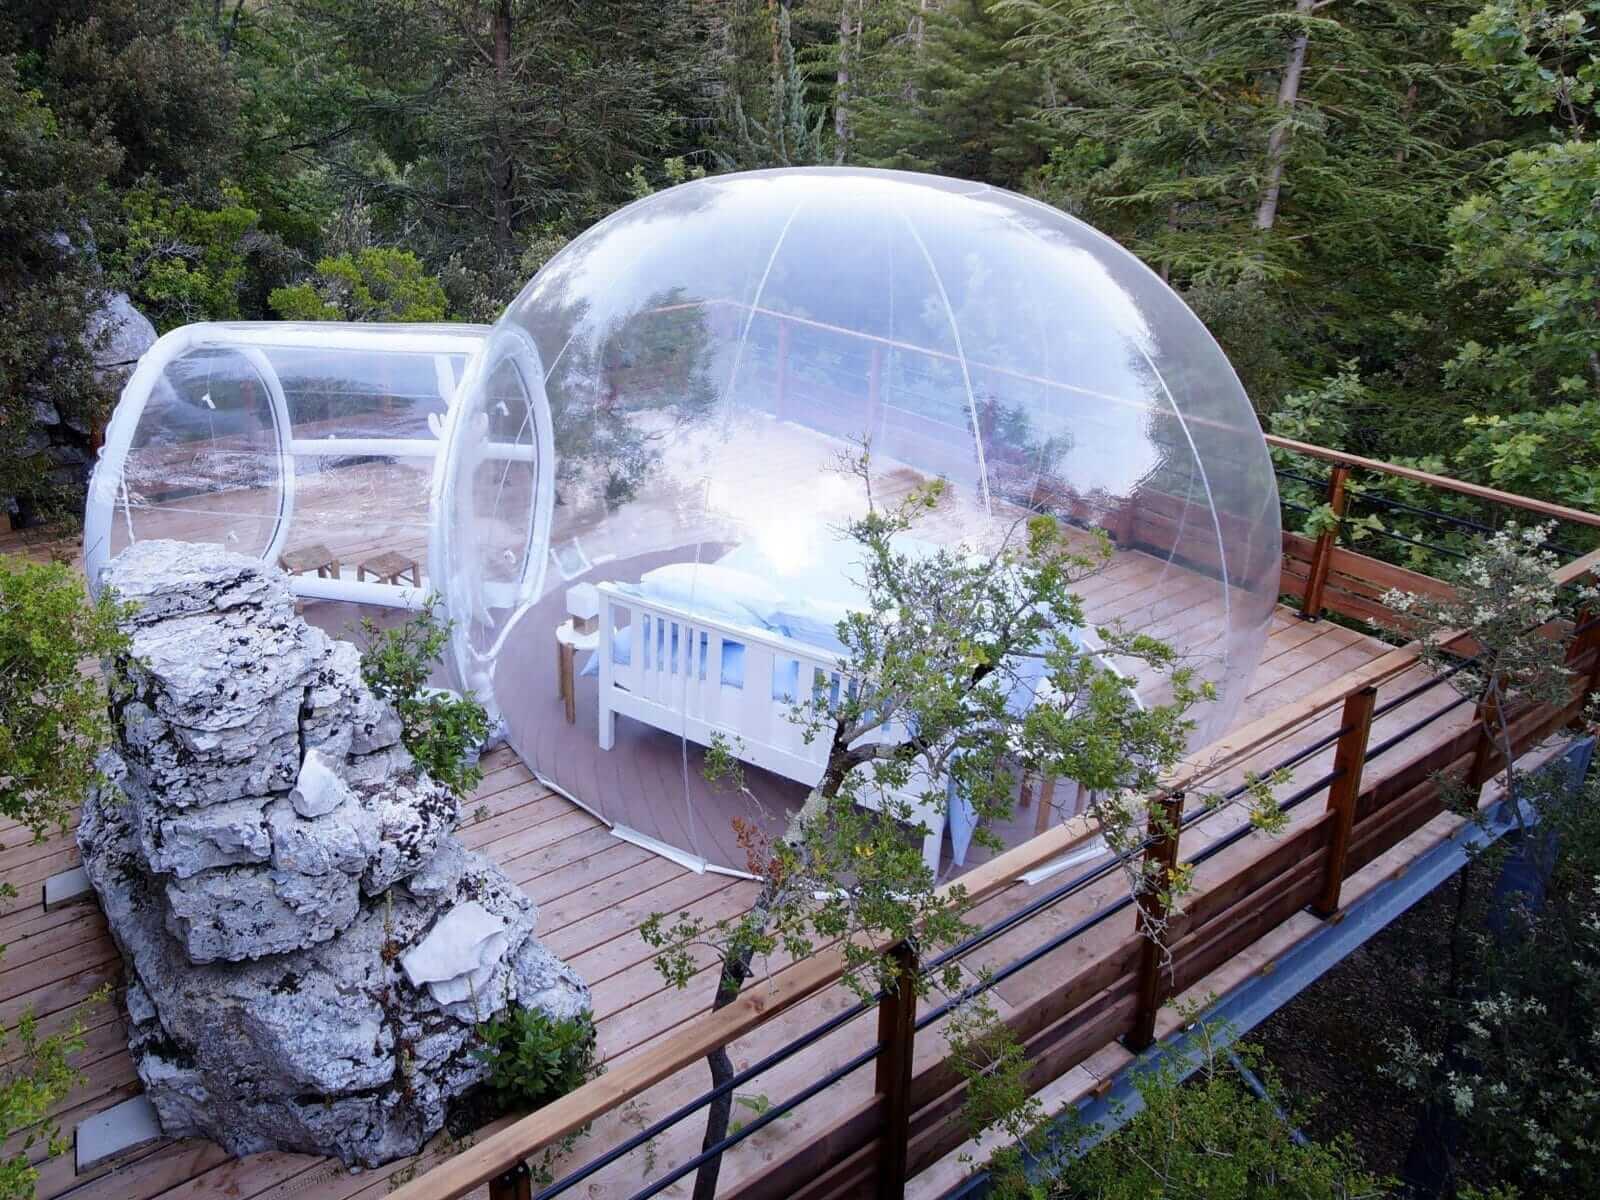 bulles des bois dormir dans une bulle nuit insolite. Black Bedroom Furniture Sets. Home Design Ideas